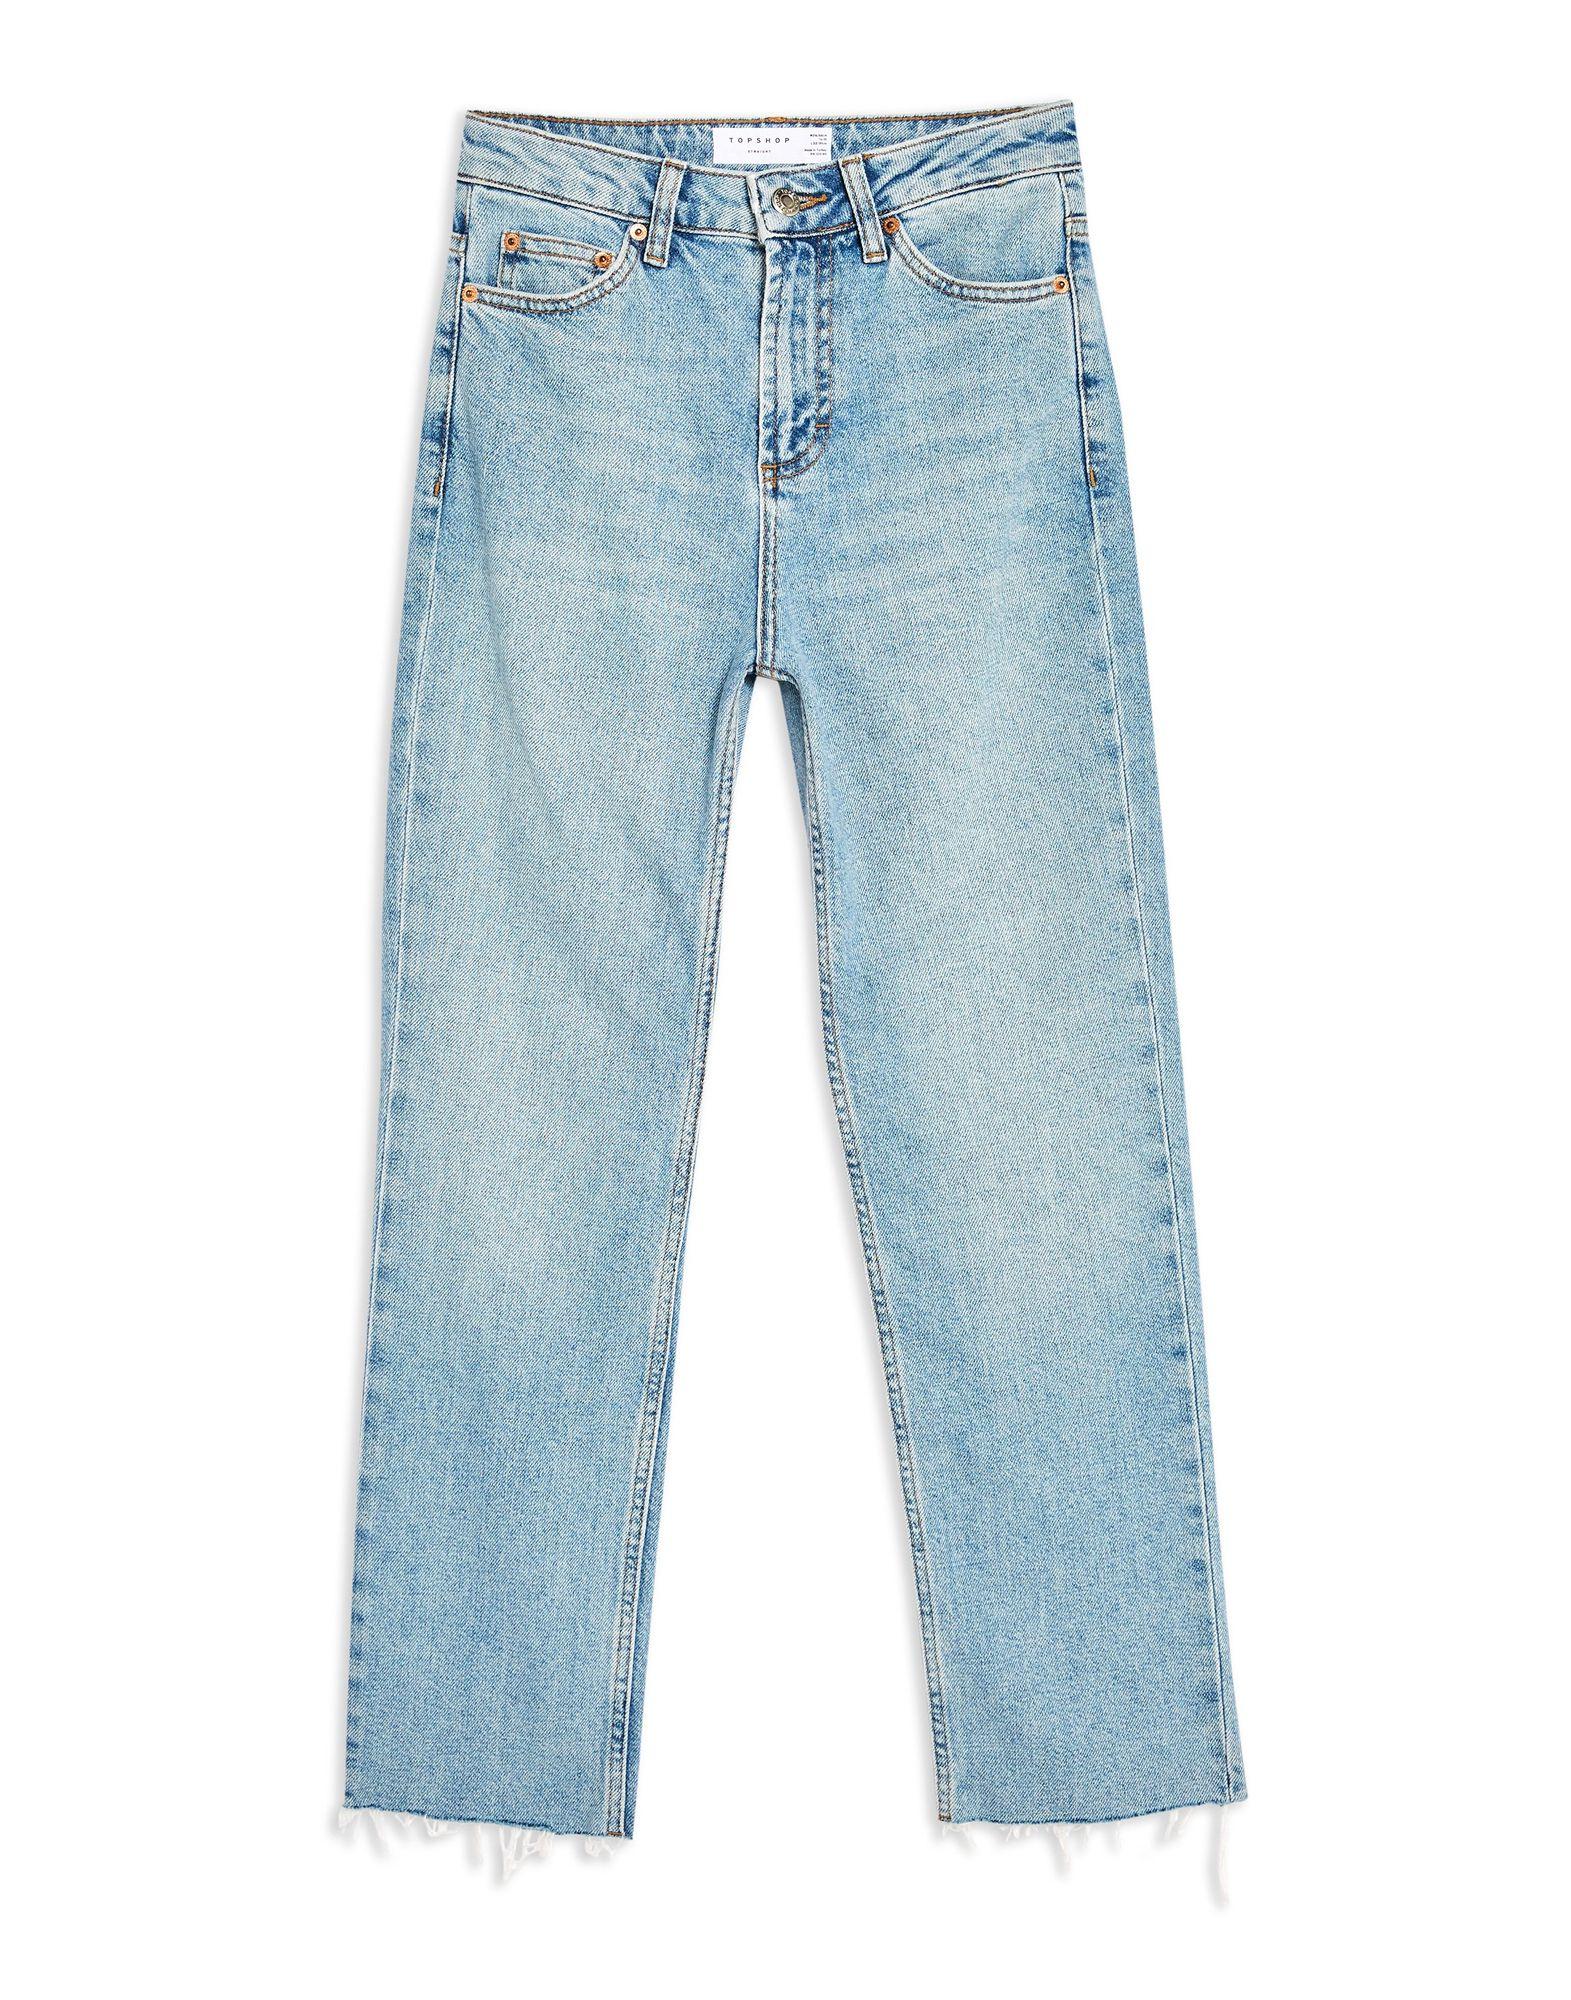 《セール開催中》TOPSHOP レディース ジーンズ ブルー 30W-32L コットン 92% / エラストマルチエステル 8% AUTHENTIC RAW HEM STRAIGHT LEG JEANS